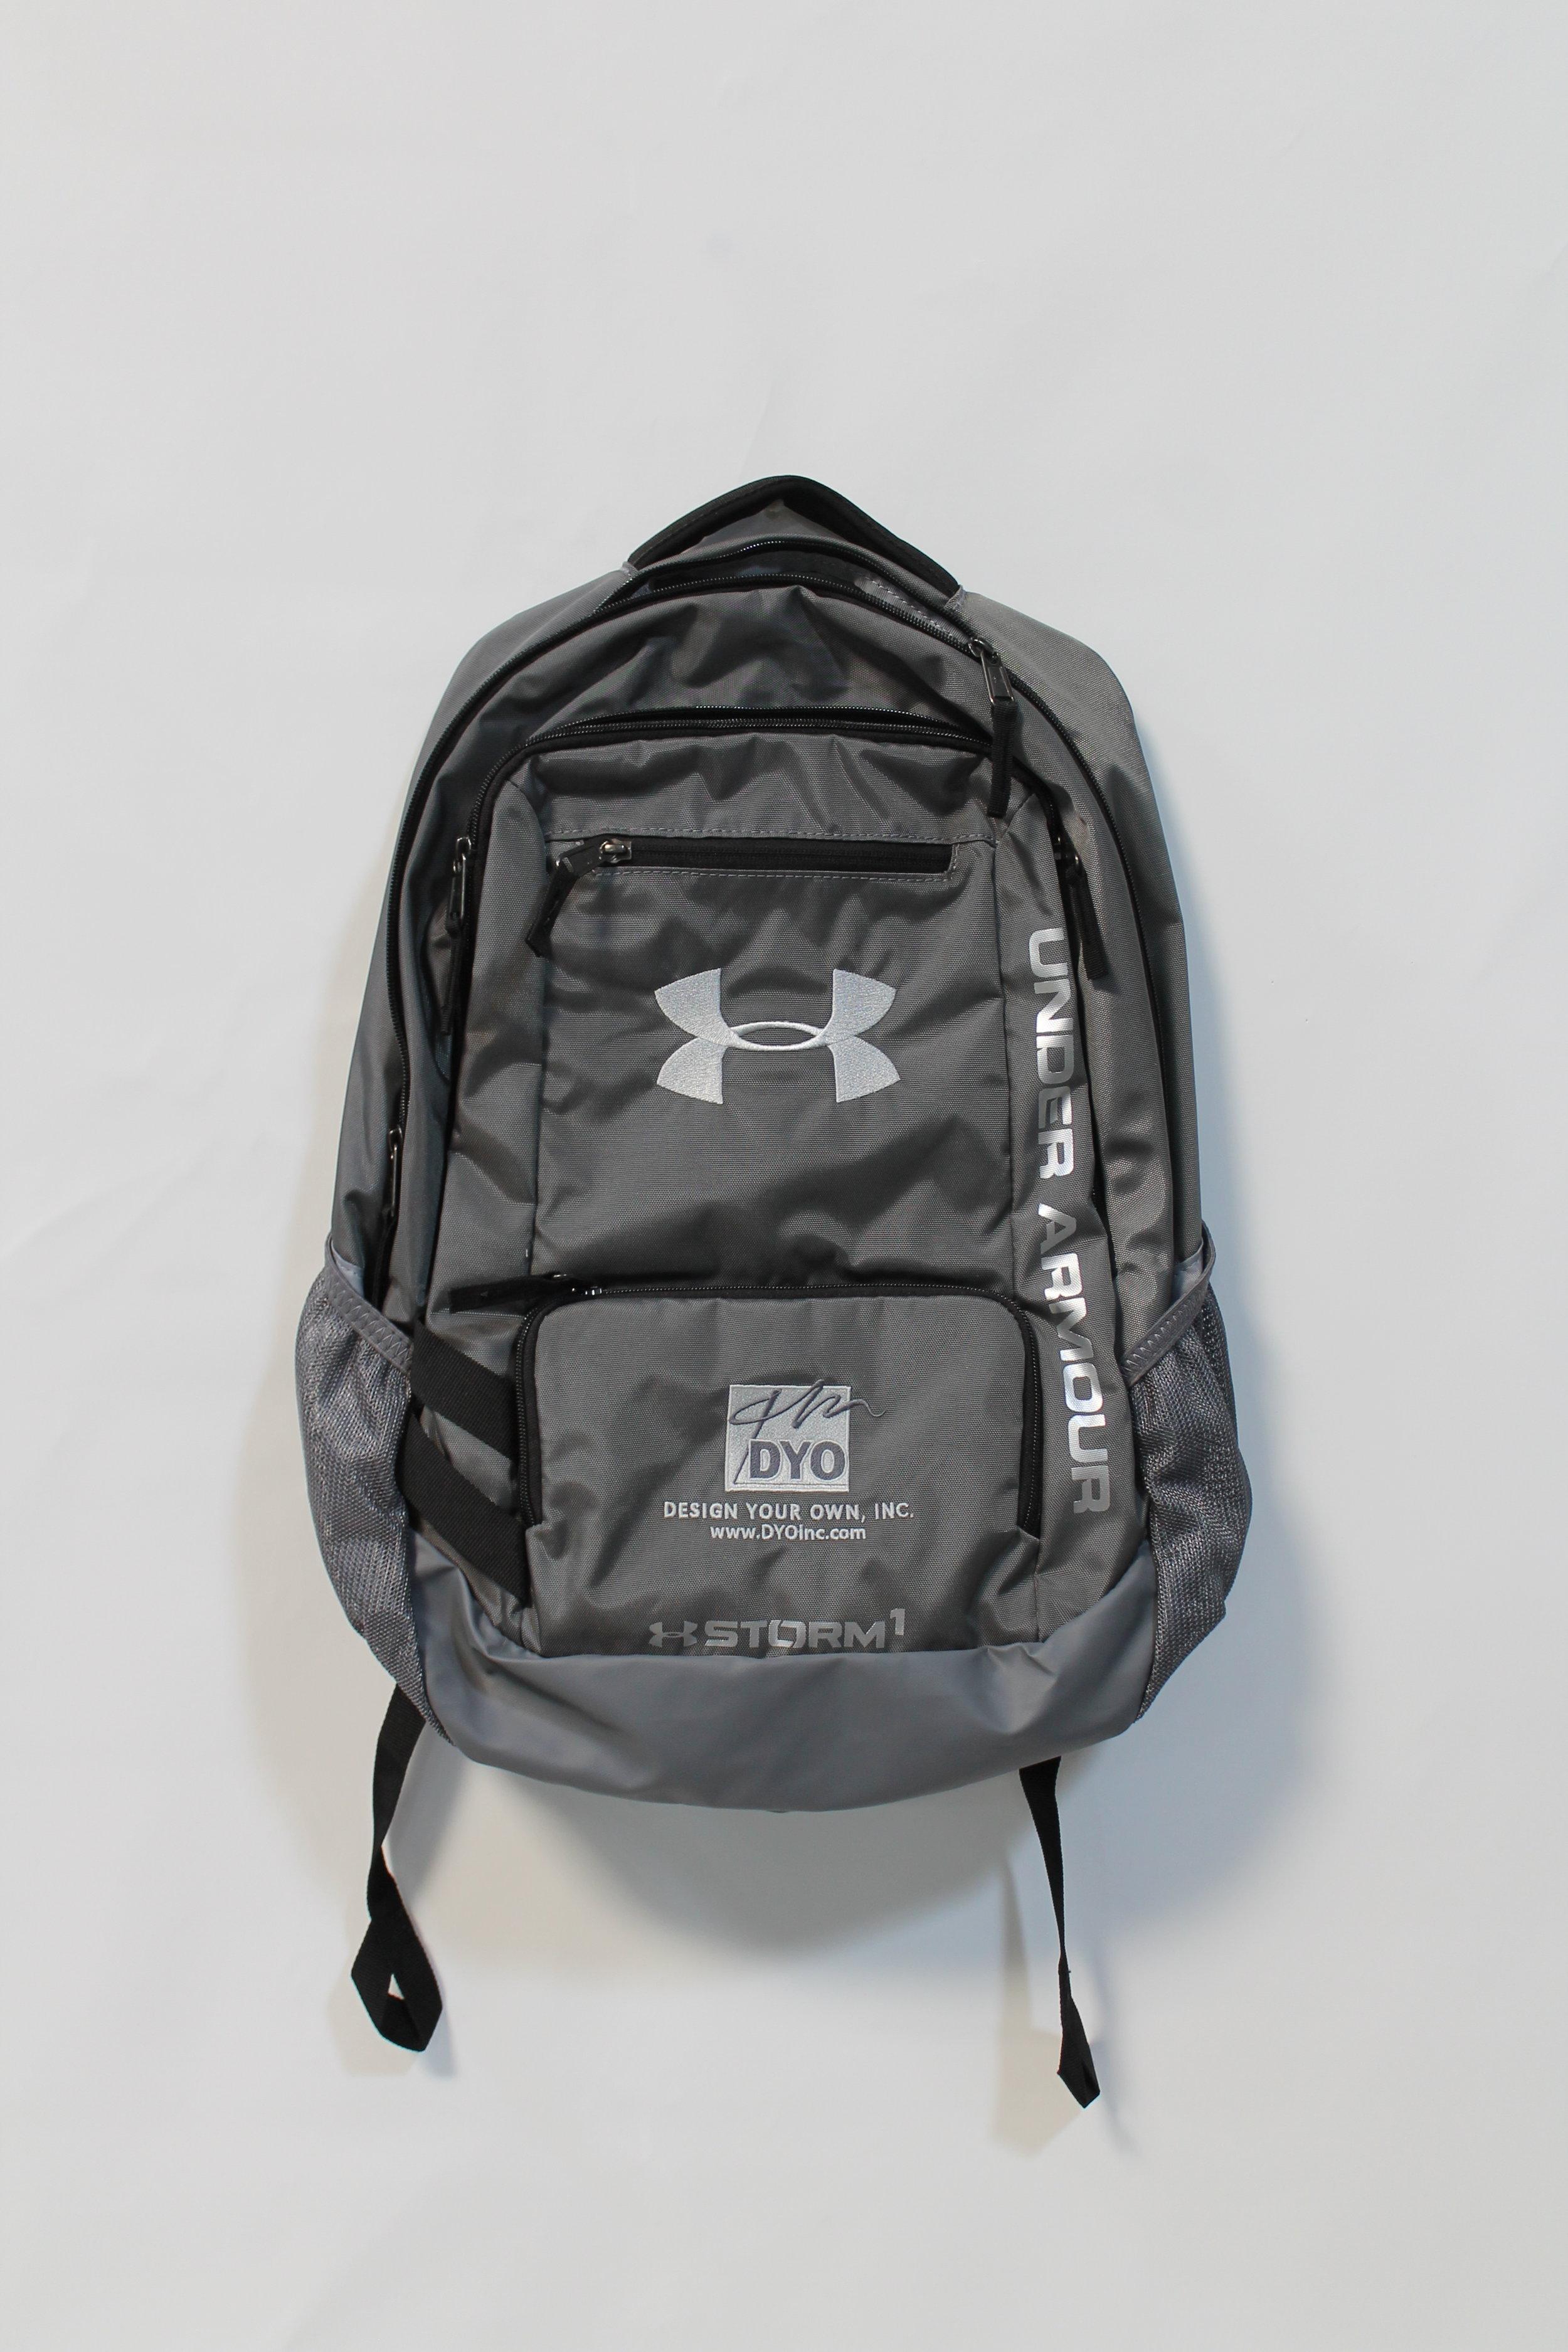 UA_Backpack.JPG